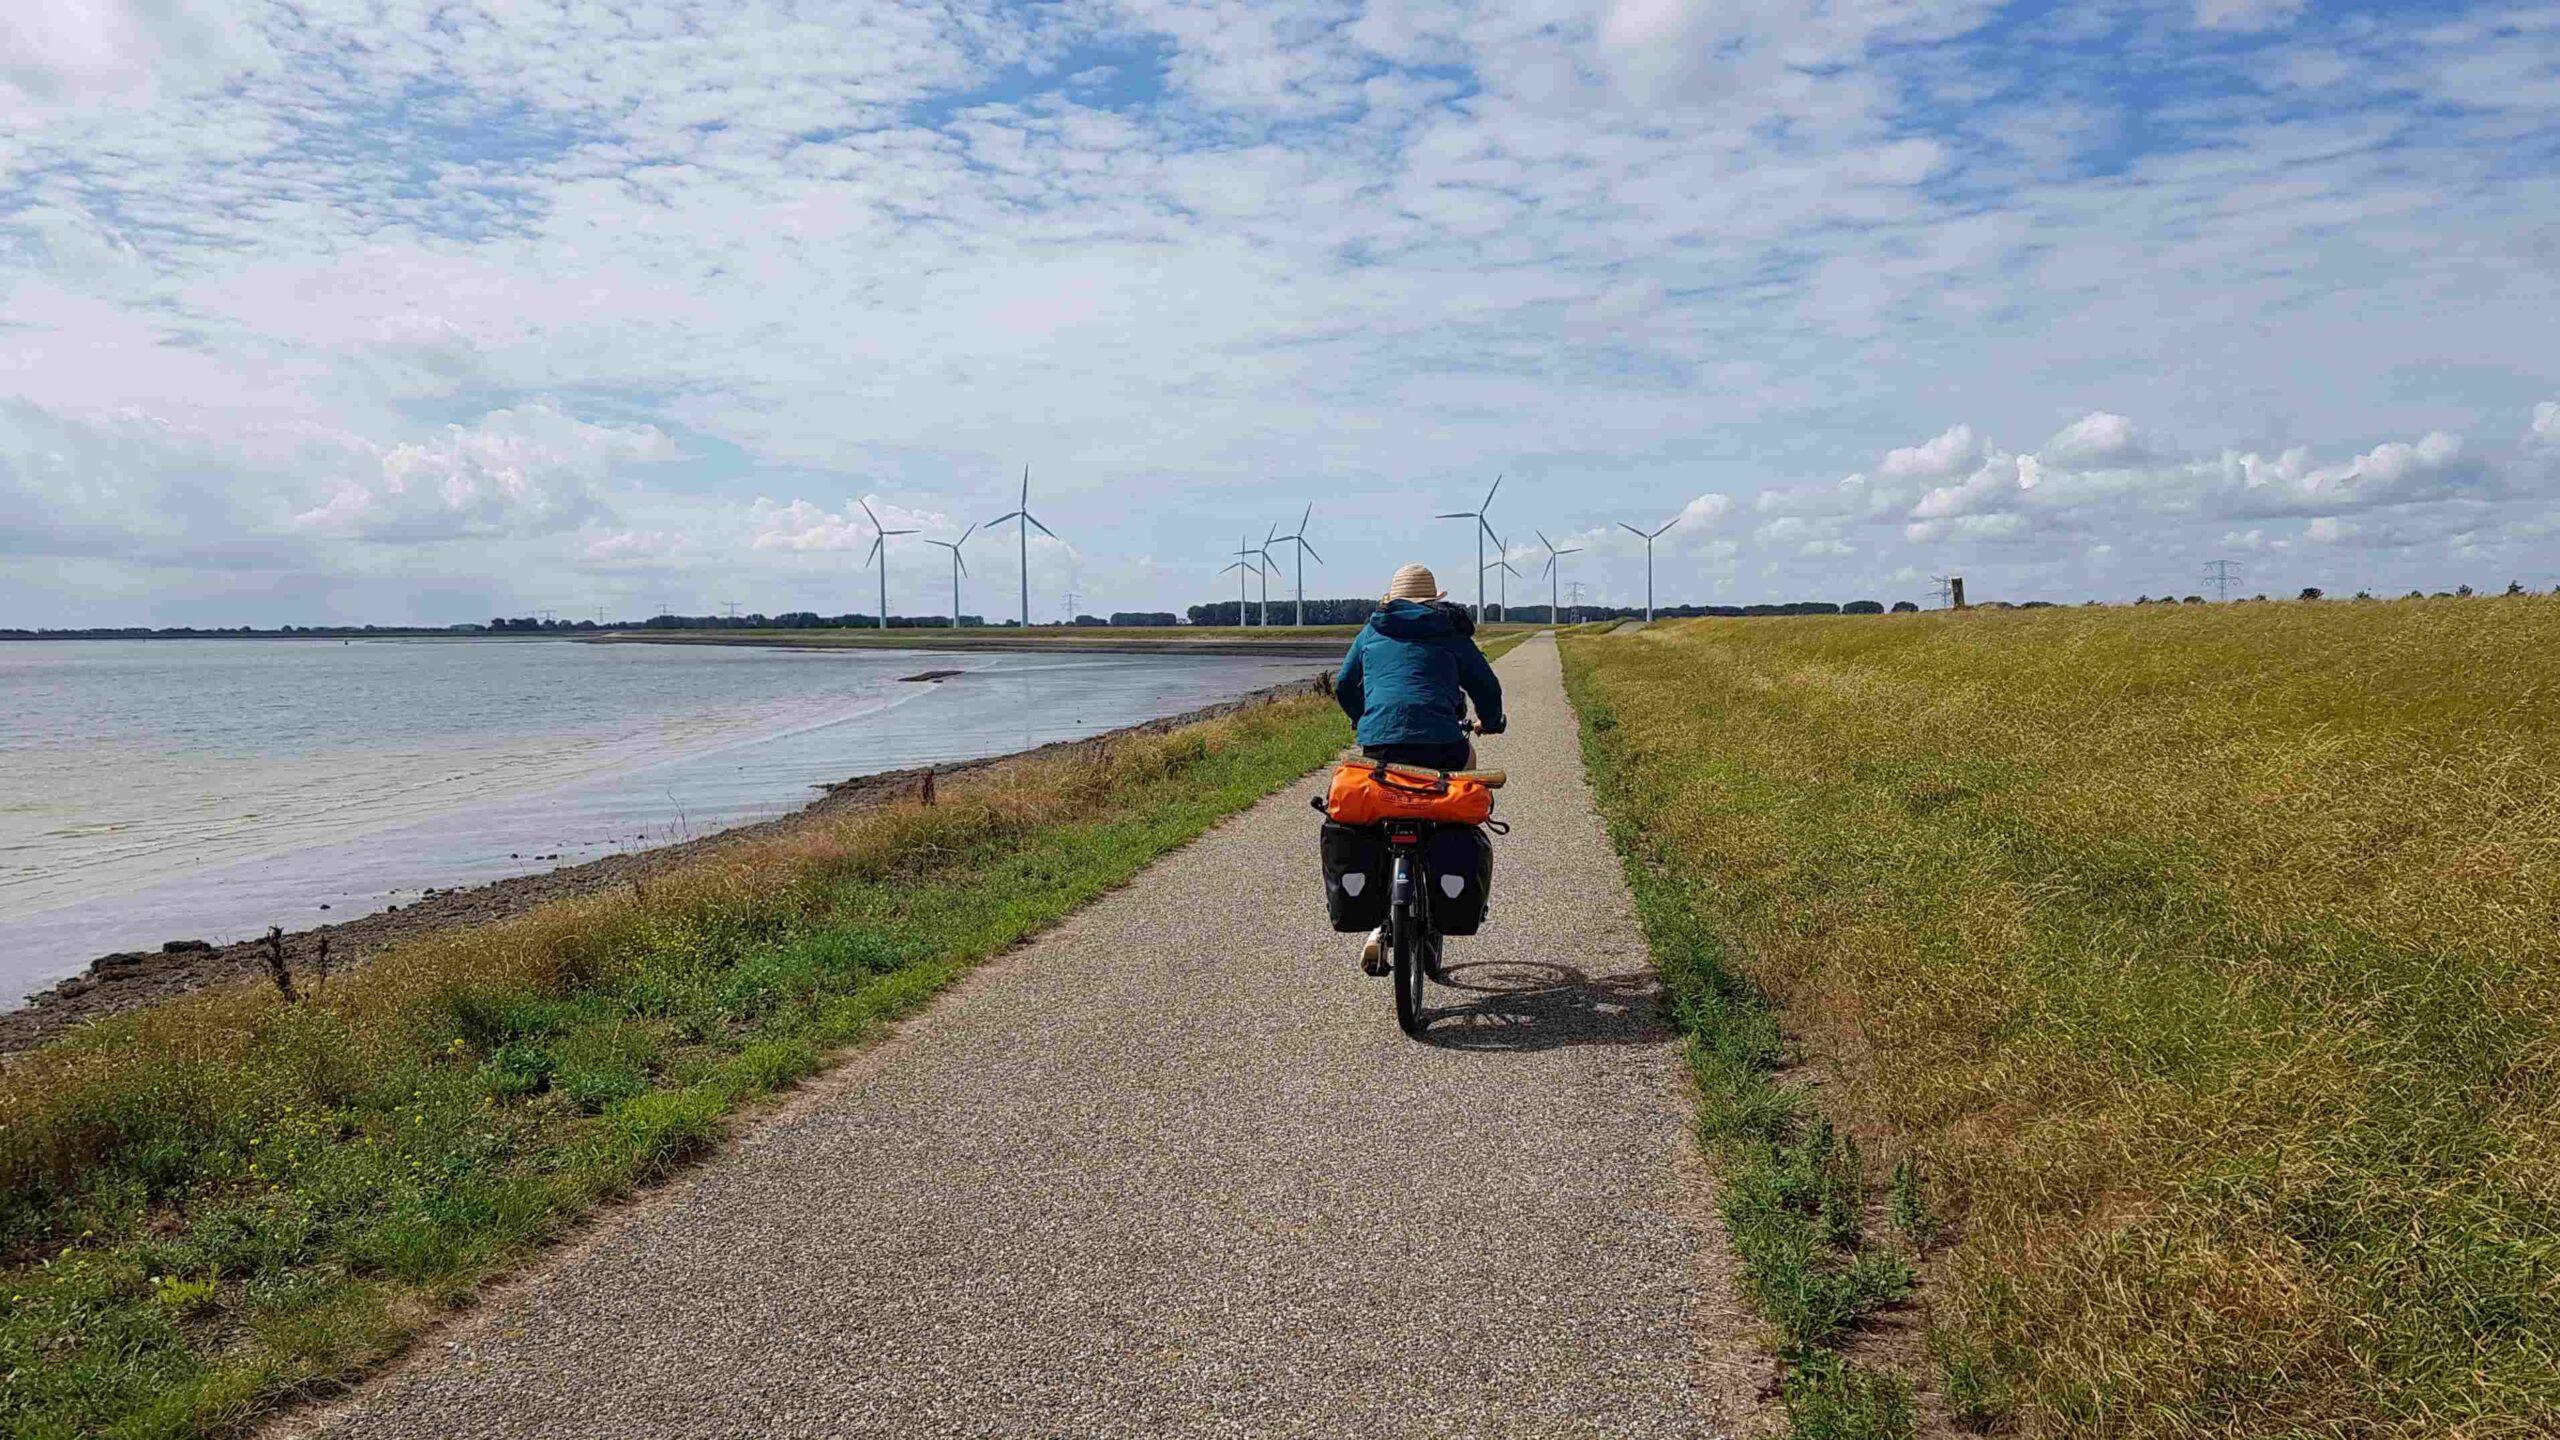 Rondje-Nederland-met-baby-tegenwind-langs-de-kust